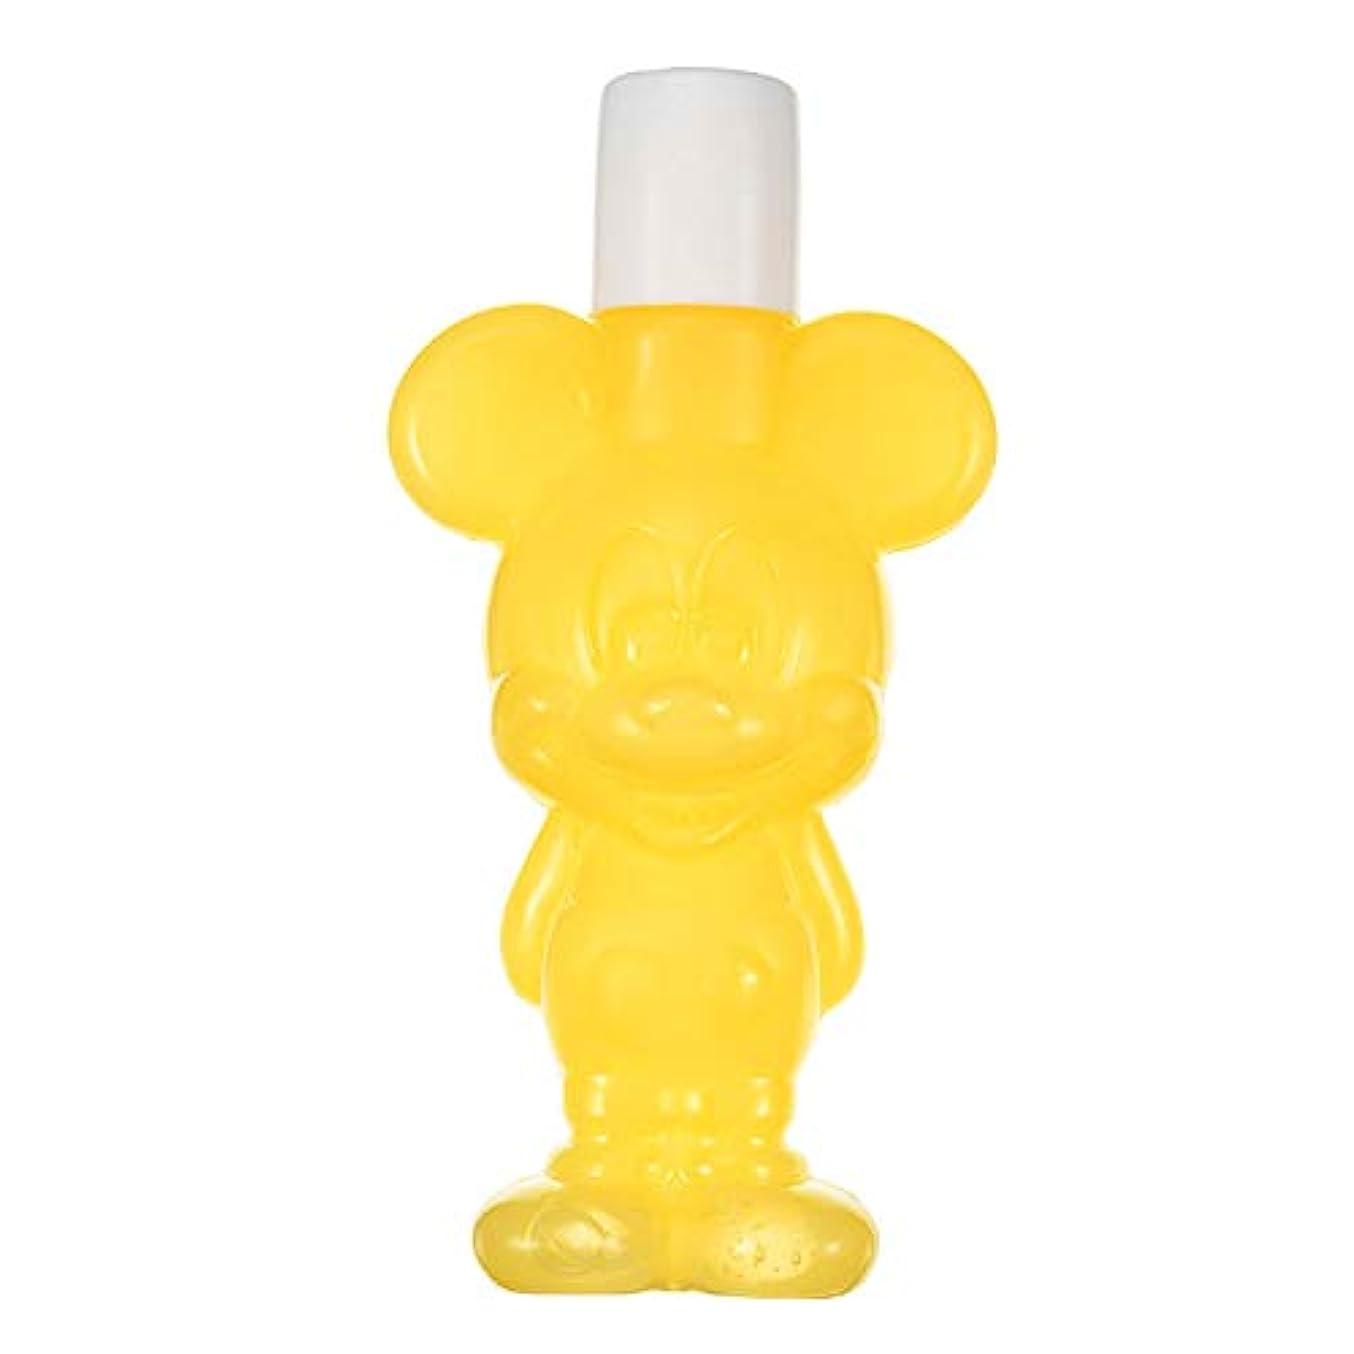 システムクール徐々にディズニーストア(公式)保湿ジェル ミッキー イエロー Gummy Candy Cosme